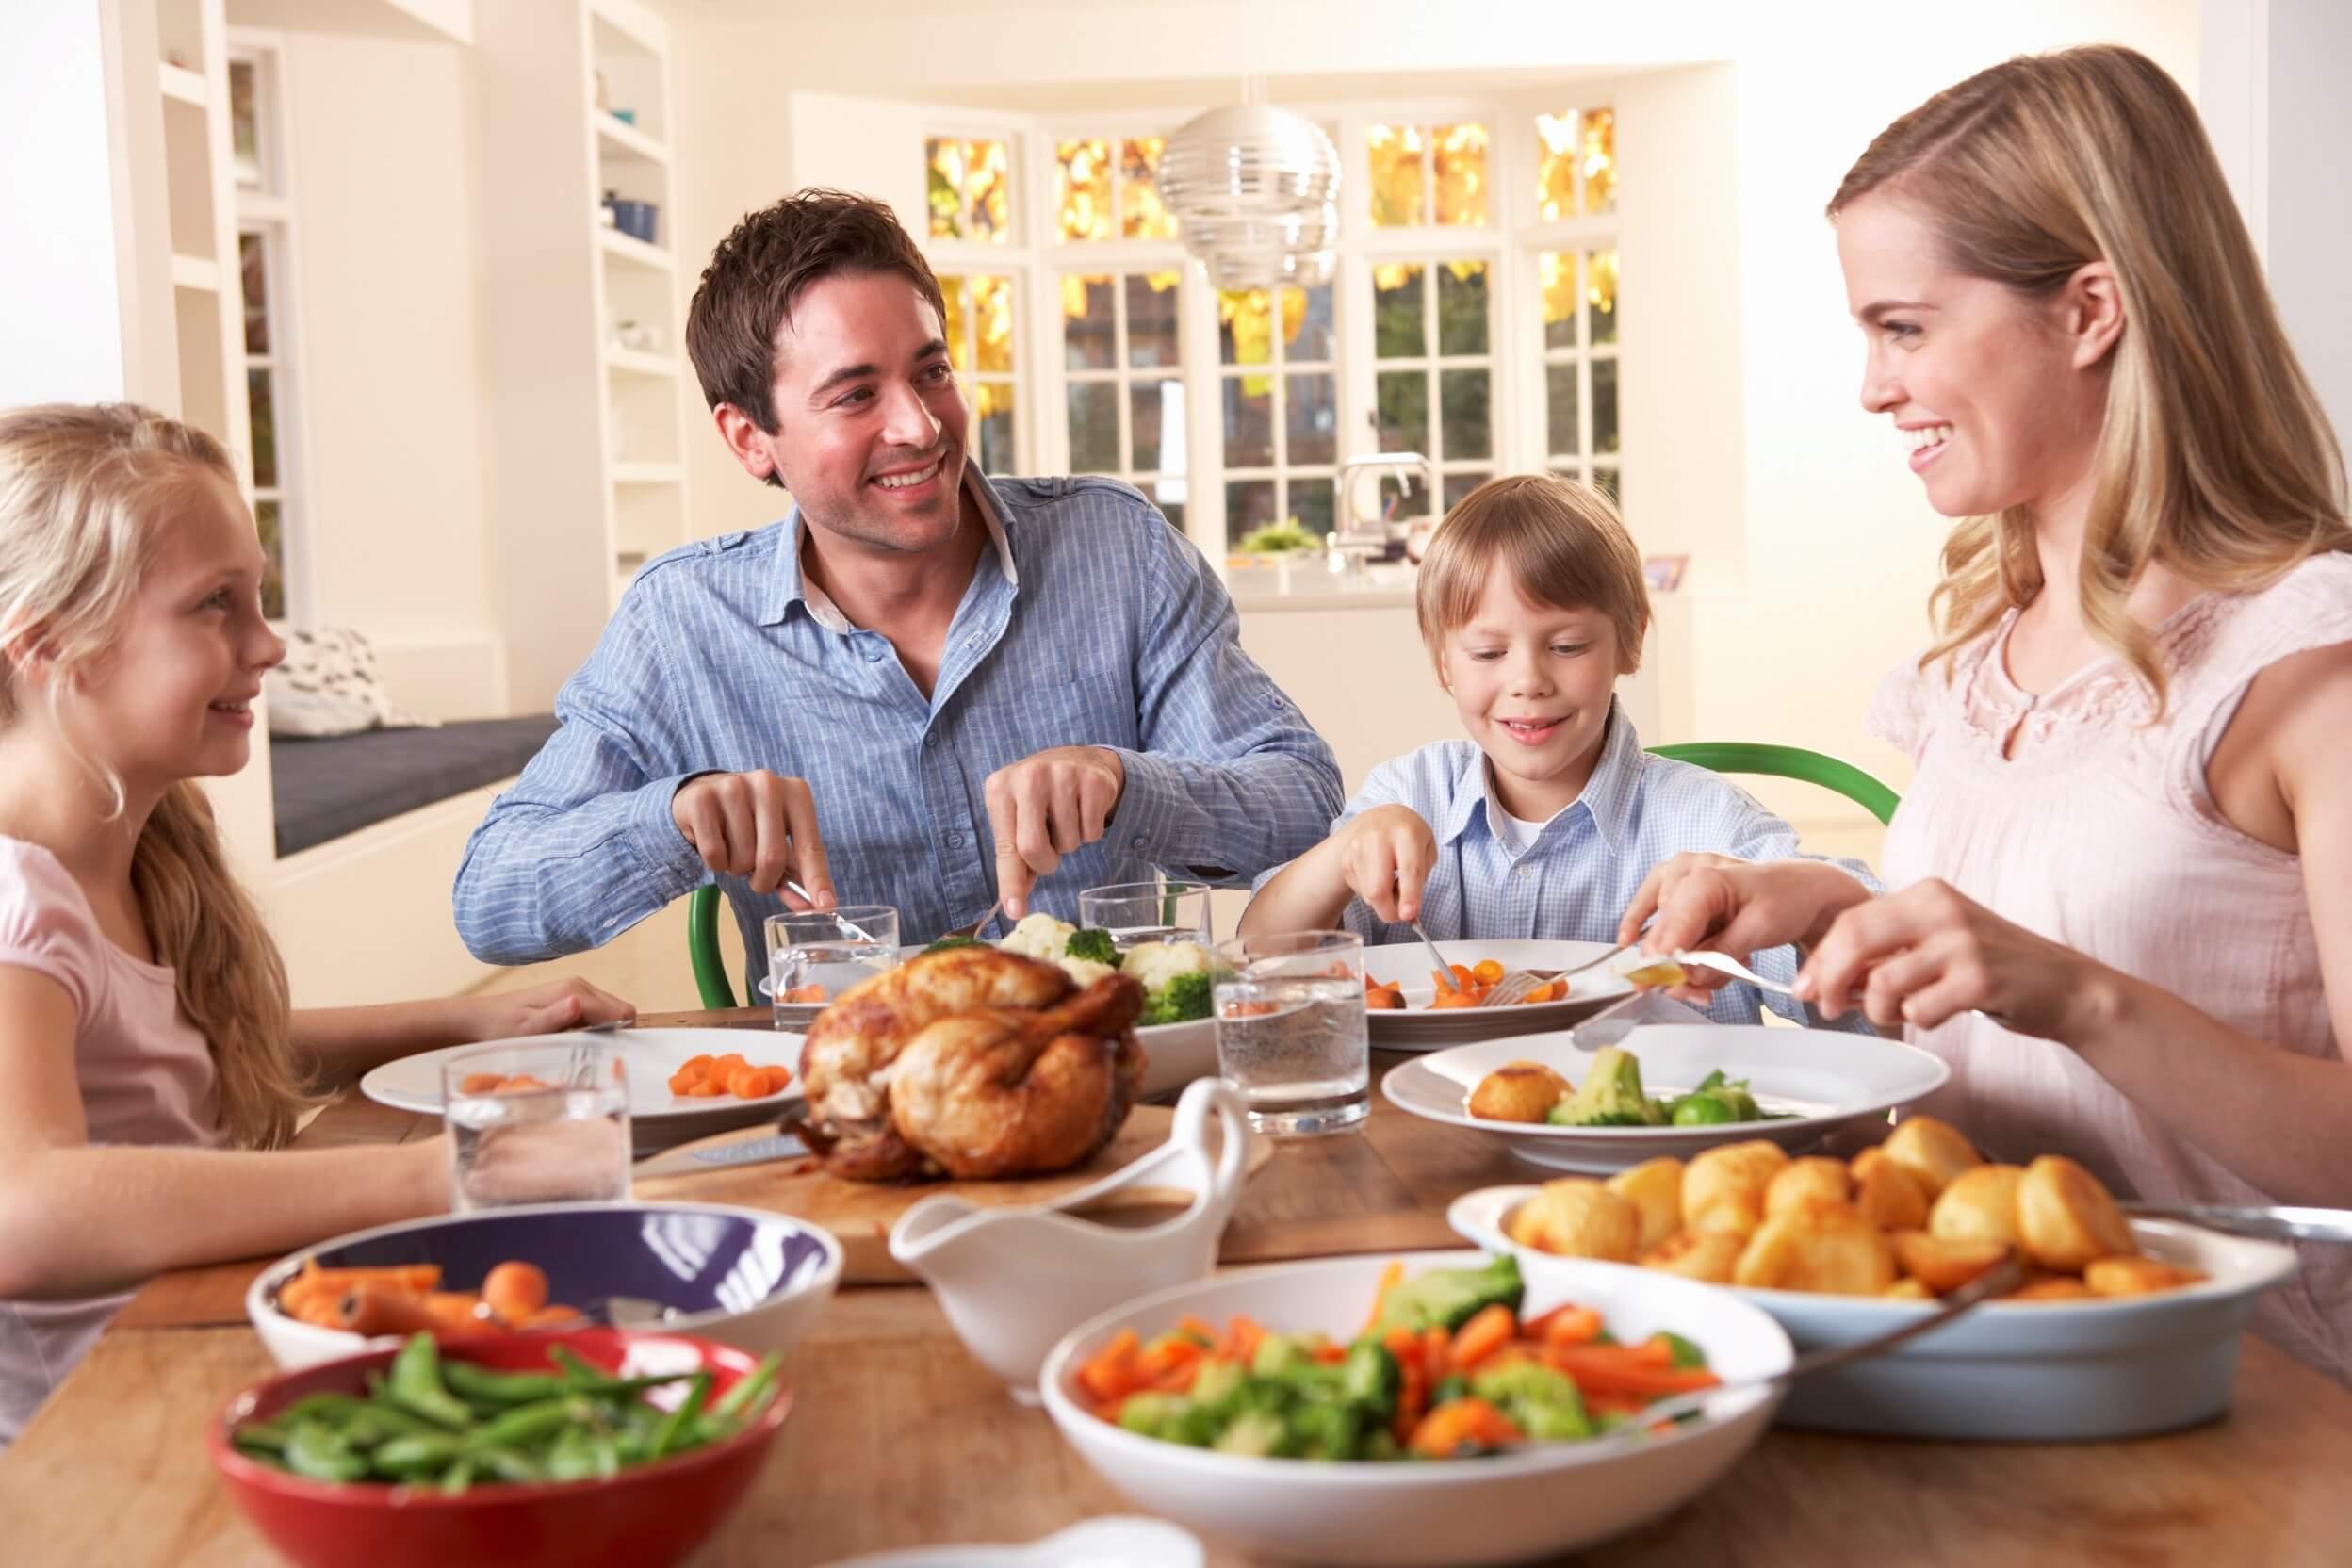 Testiranje alergije in intolerance na hrano